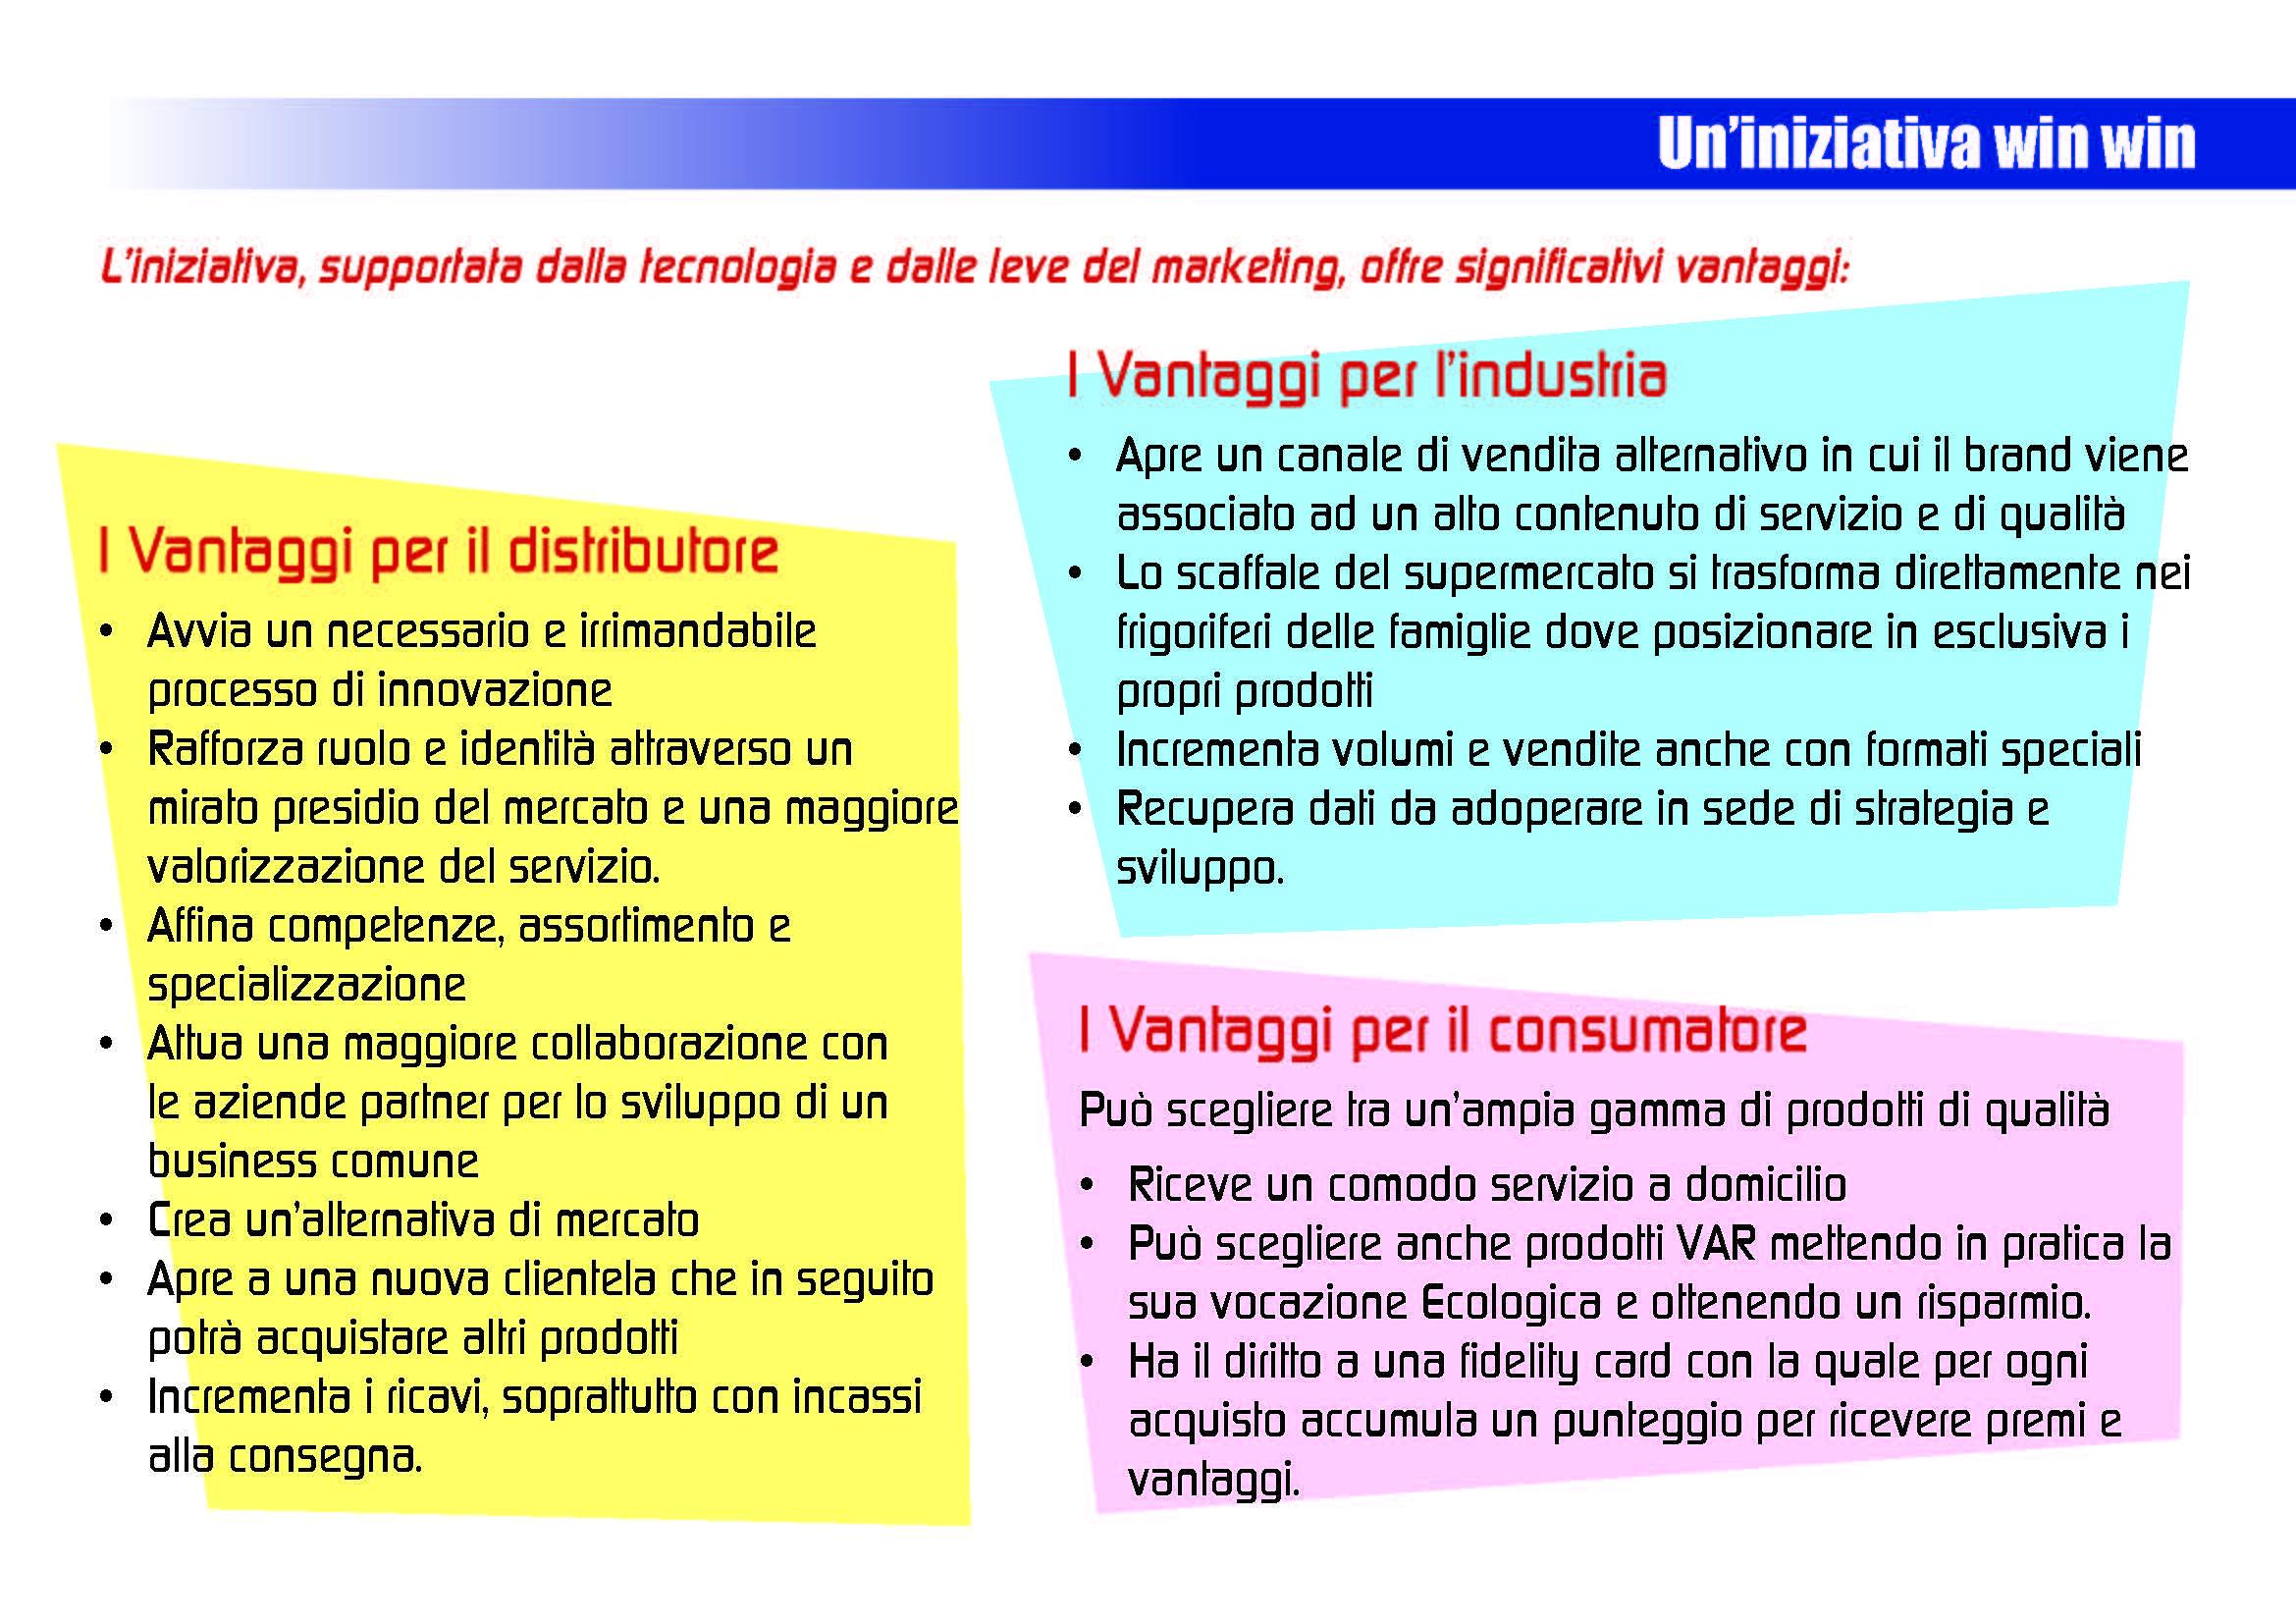 PB Brochure Istituzionale_Pagina_05.jpg (435 KB)